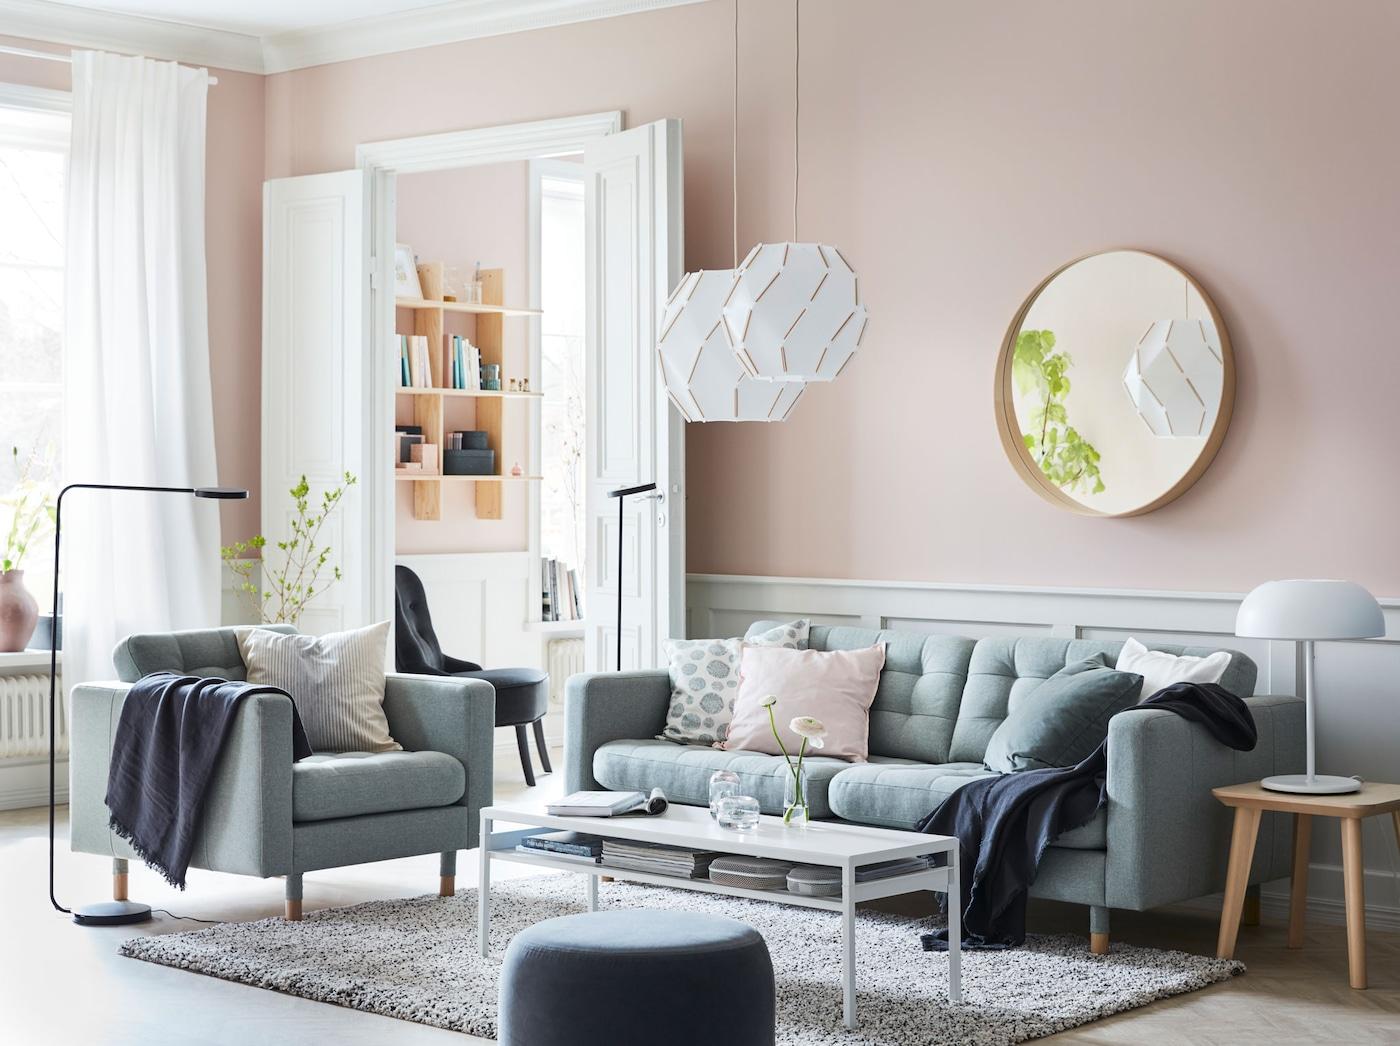 Rento ja rauhallinen olohuone sisustetaan vaaleilla sävyillä. LANDSKRONA vaaleanvihreä sohva ja lepotuoli, SJÖPENNA kattovalaisimet ja tyylikkäät YPPERLIG lattiavalaisimet.